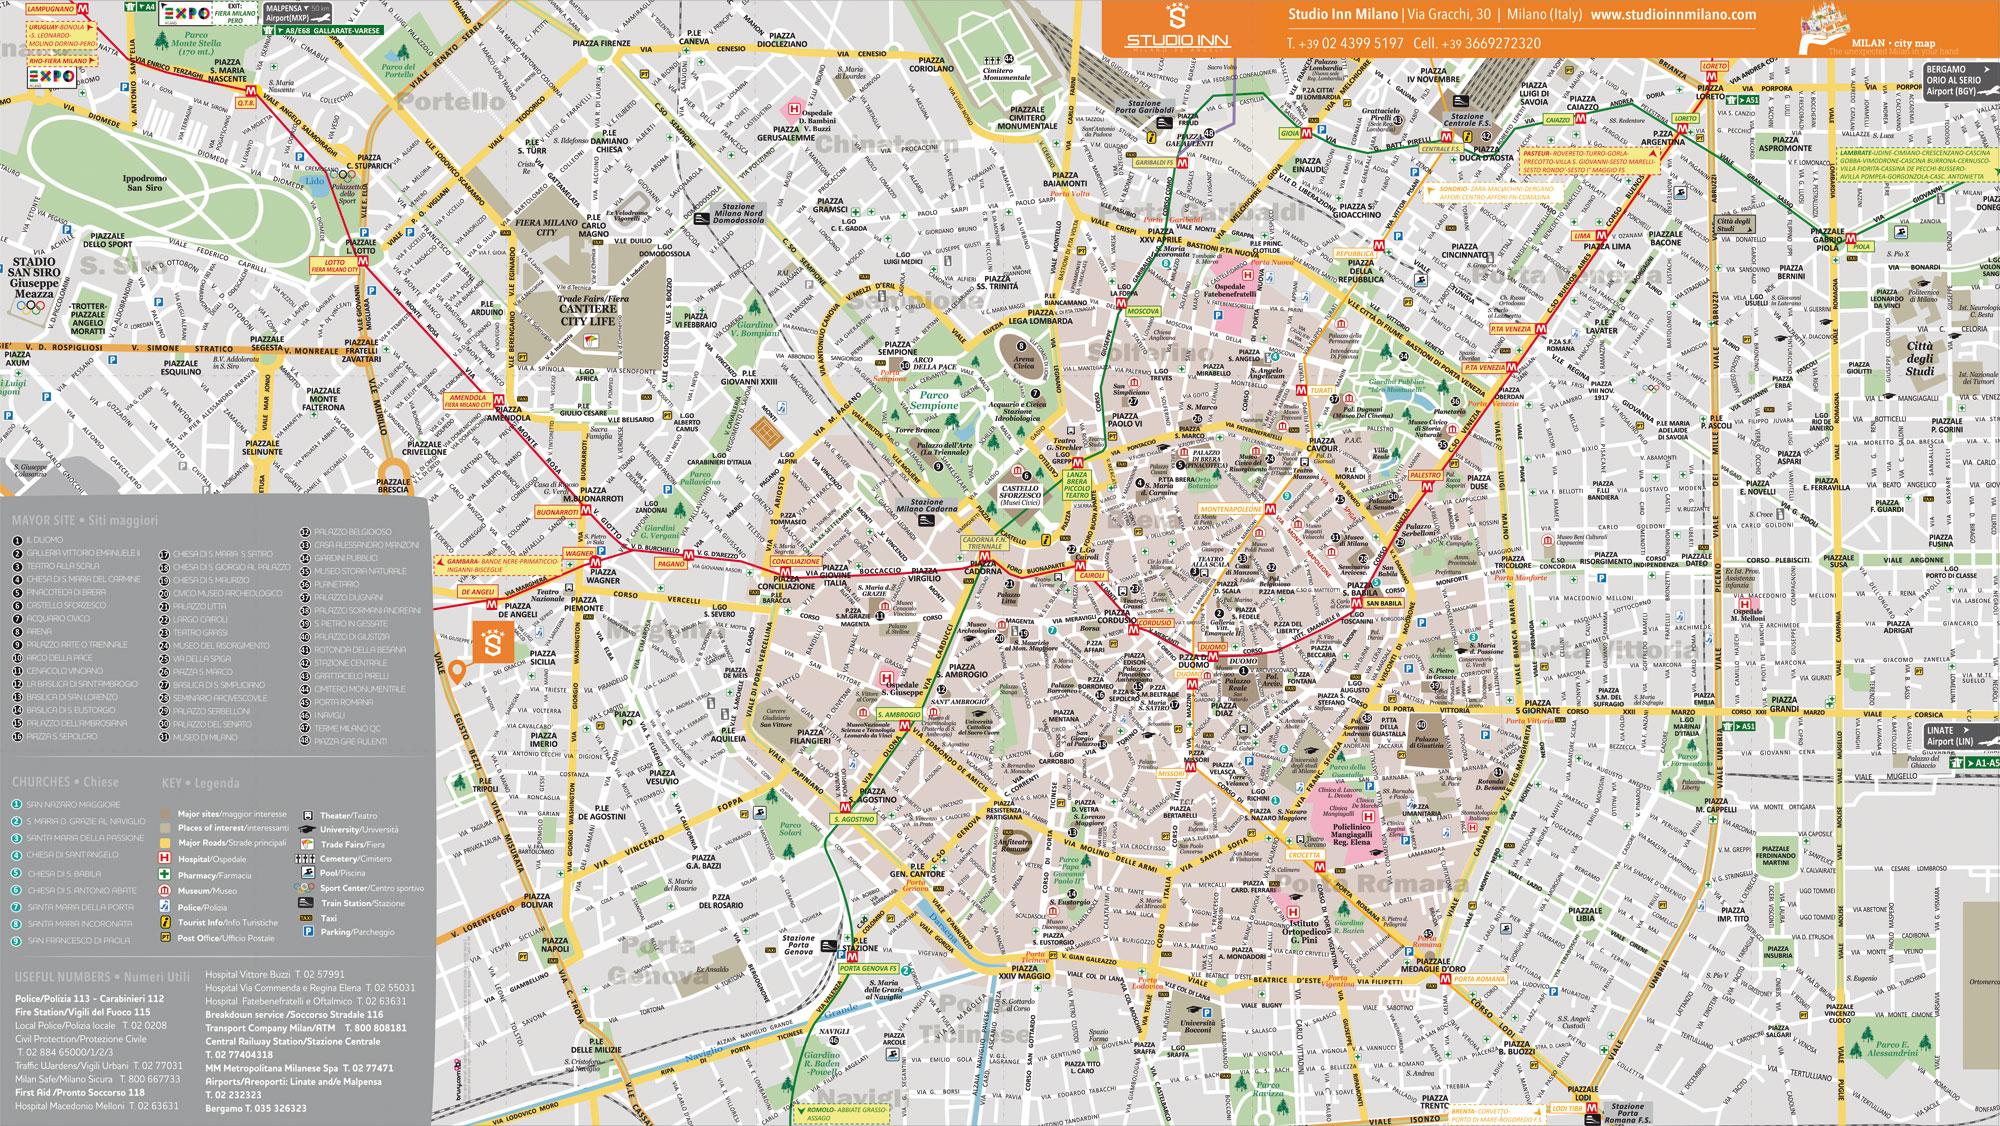 Studio Inn Appartamenti Mappa Tascabile Milano